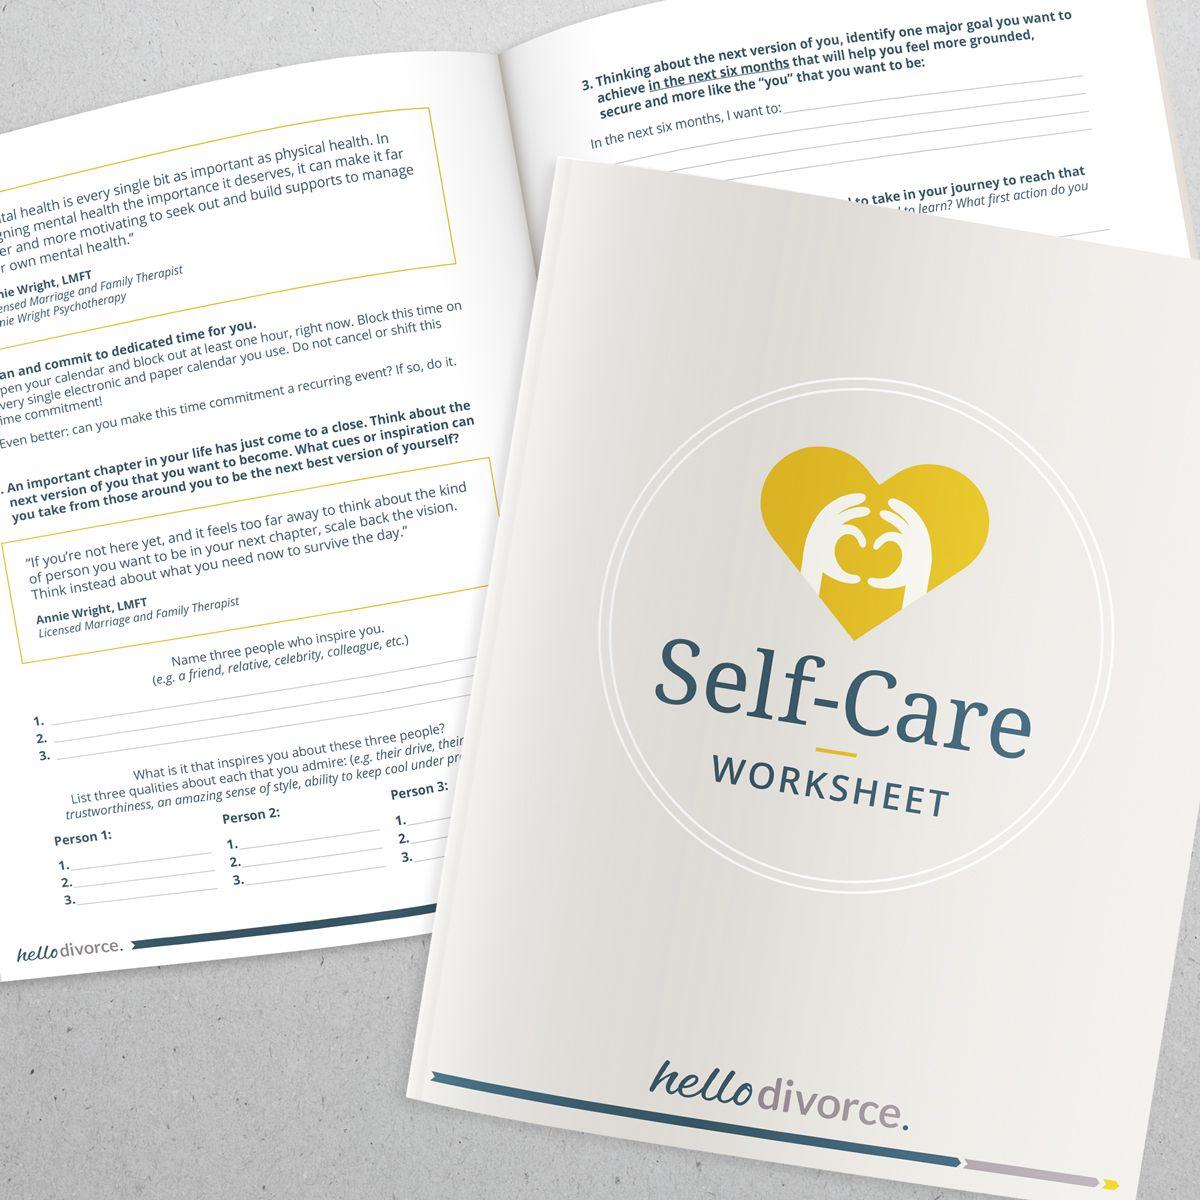 Worksheet Designing A Self Care Plan For A Divorce